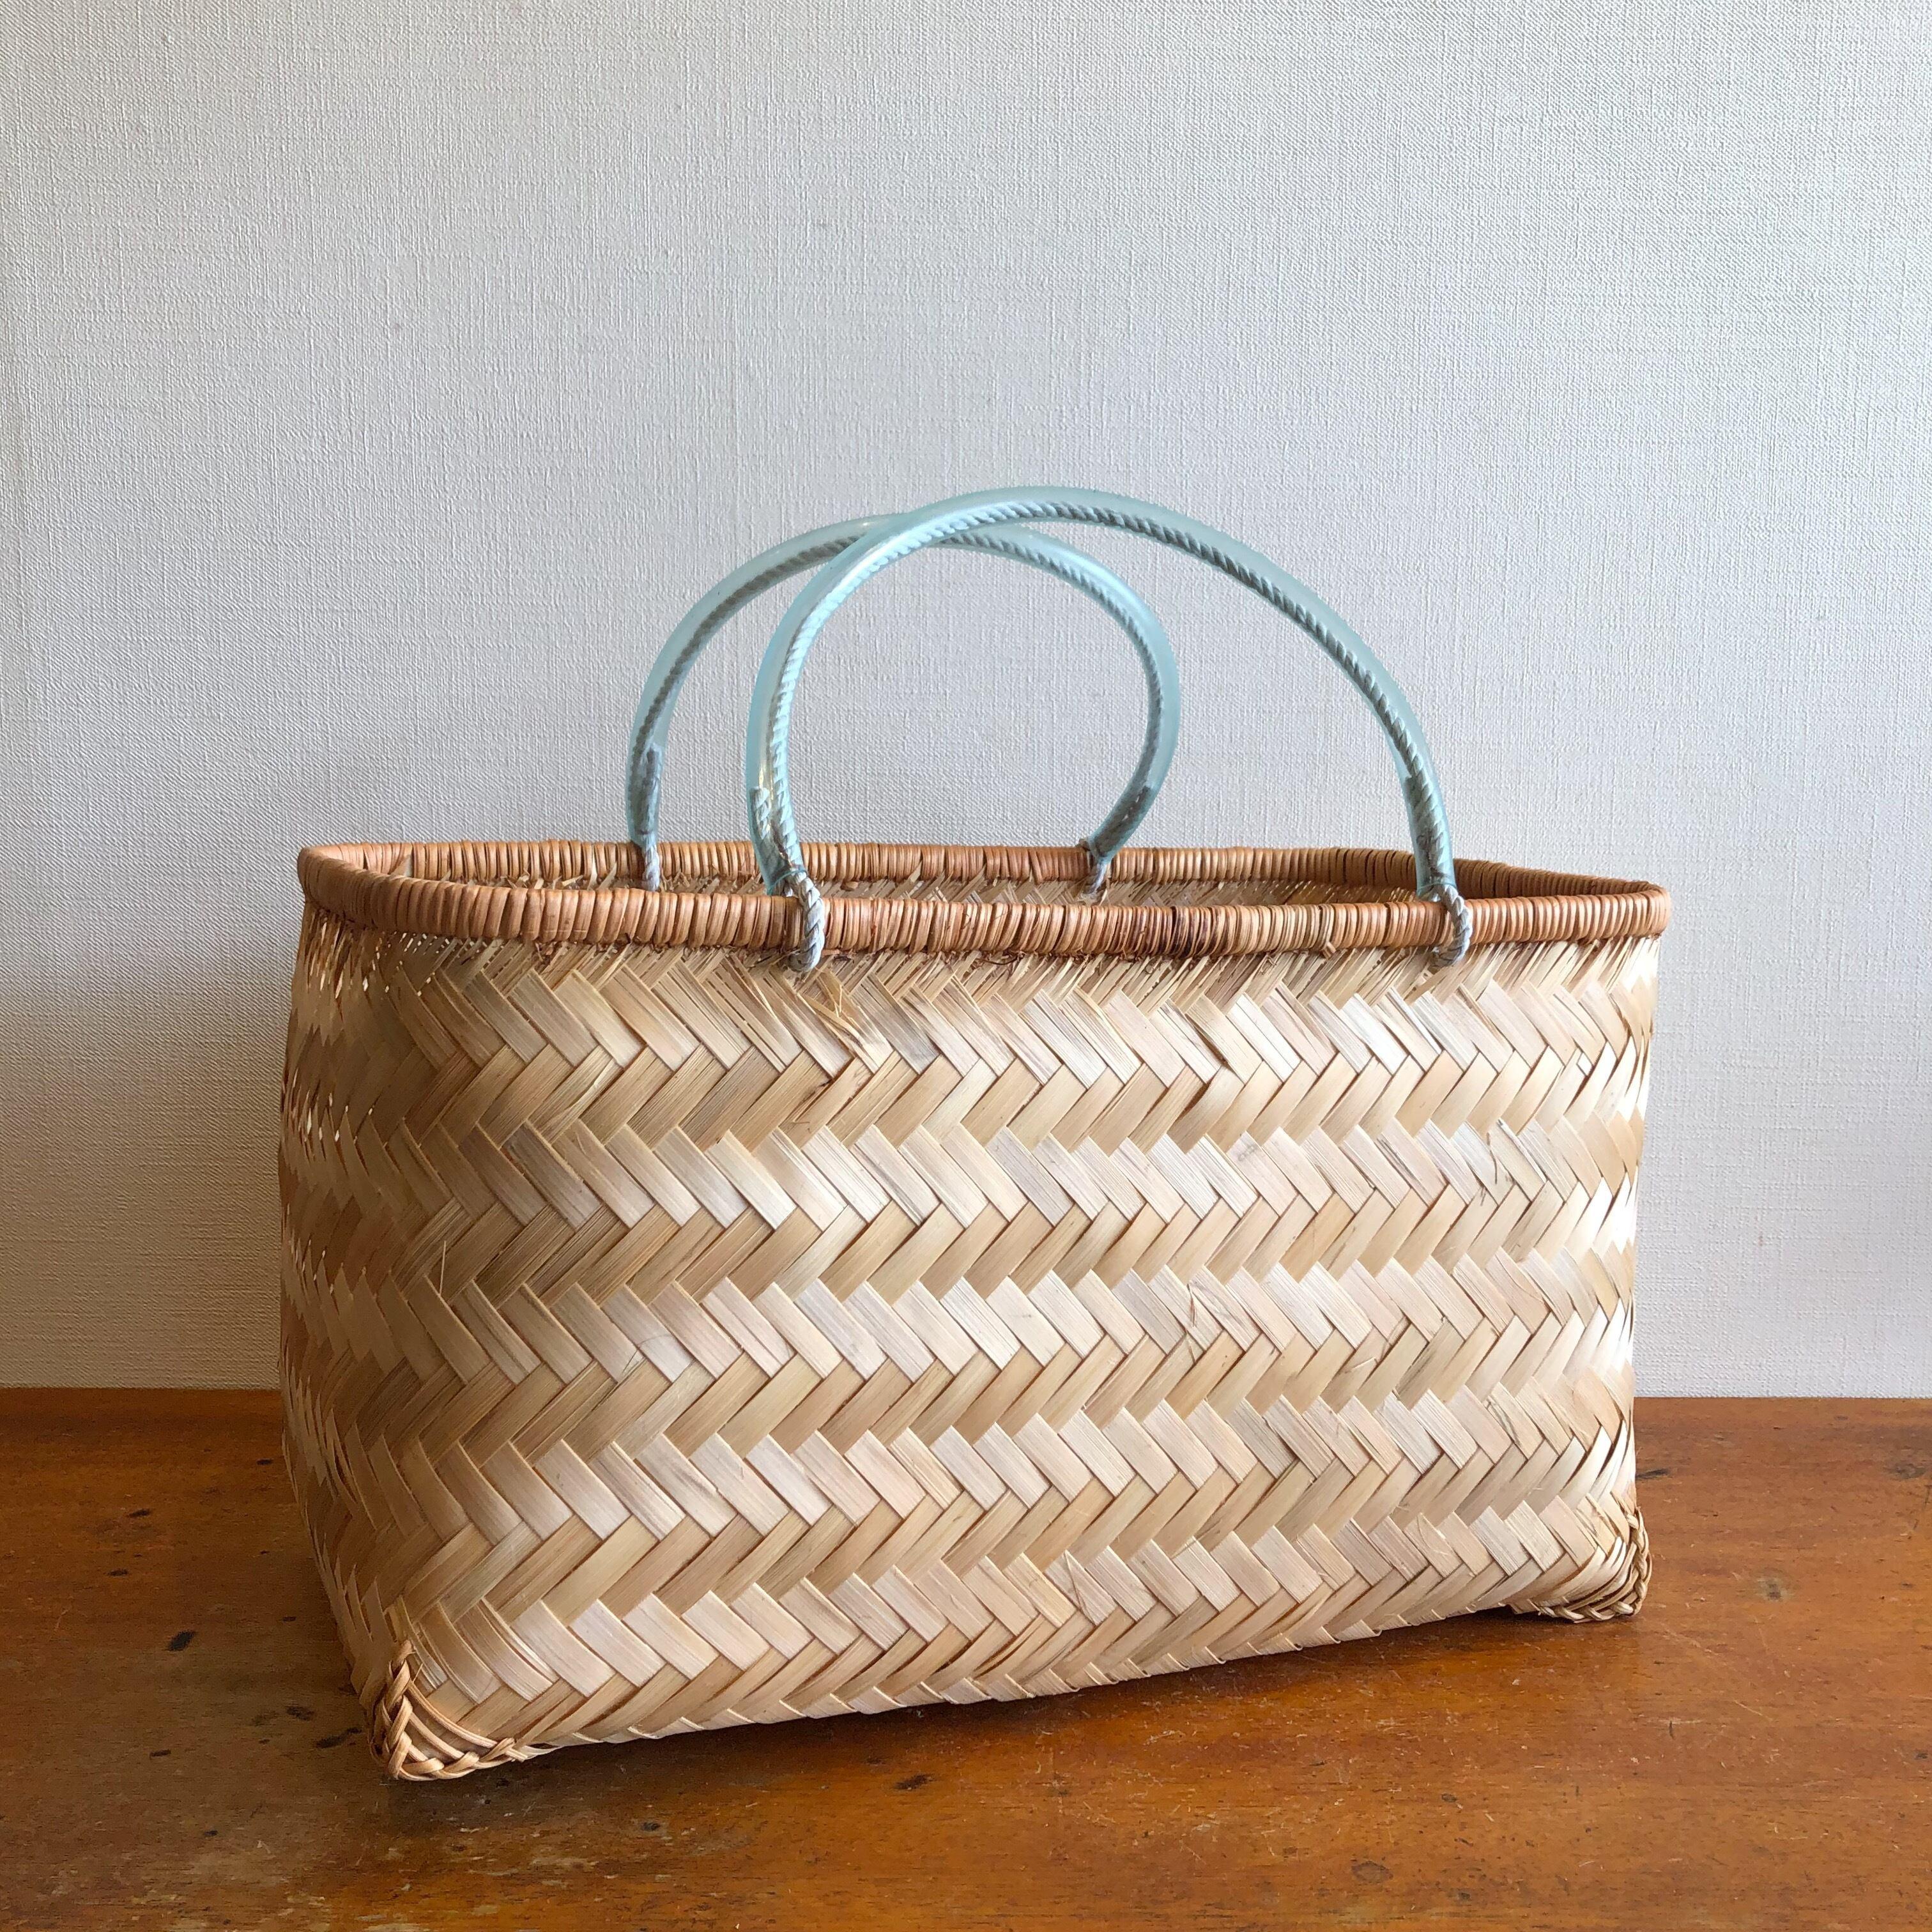 竹編み市場かご(M)